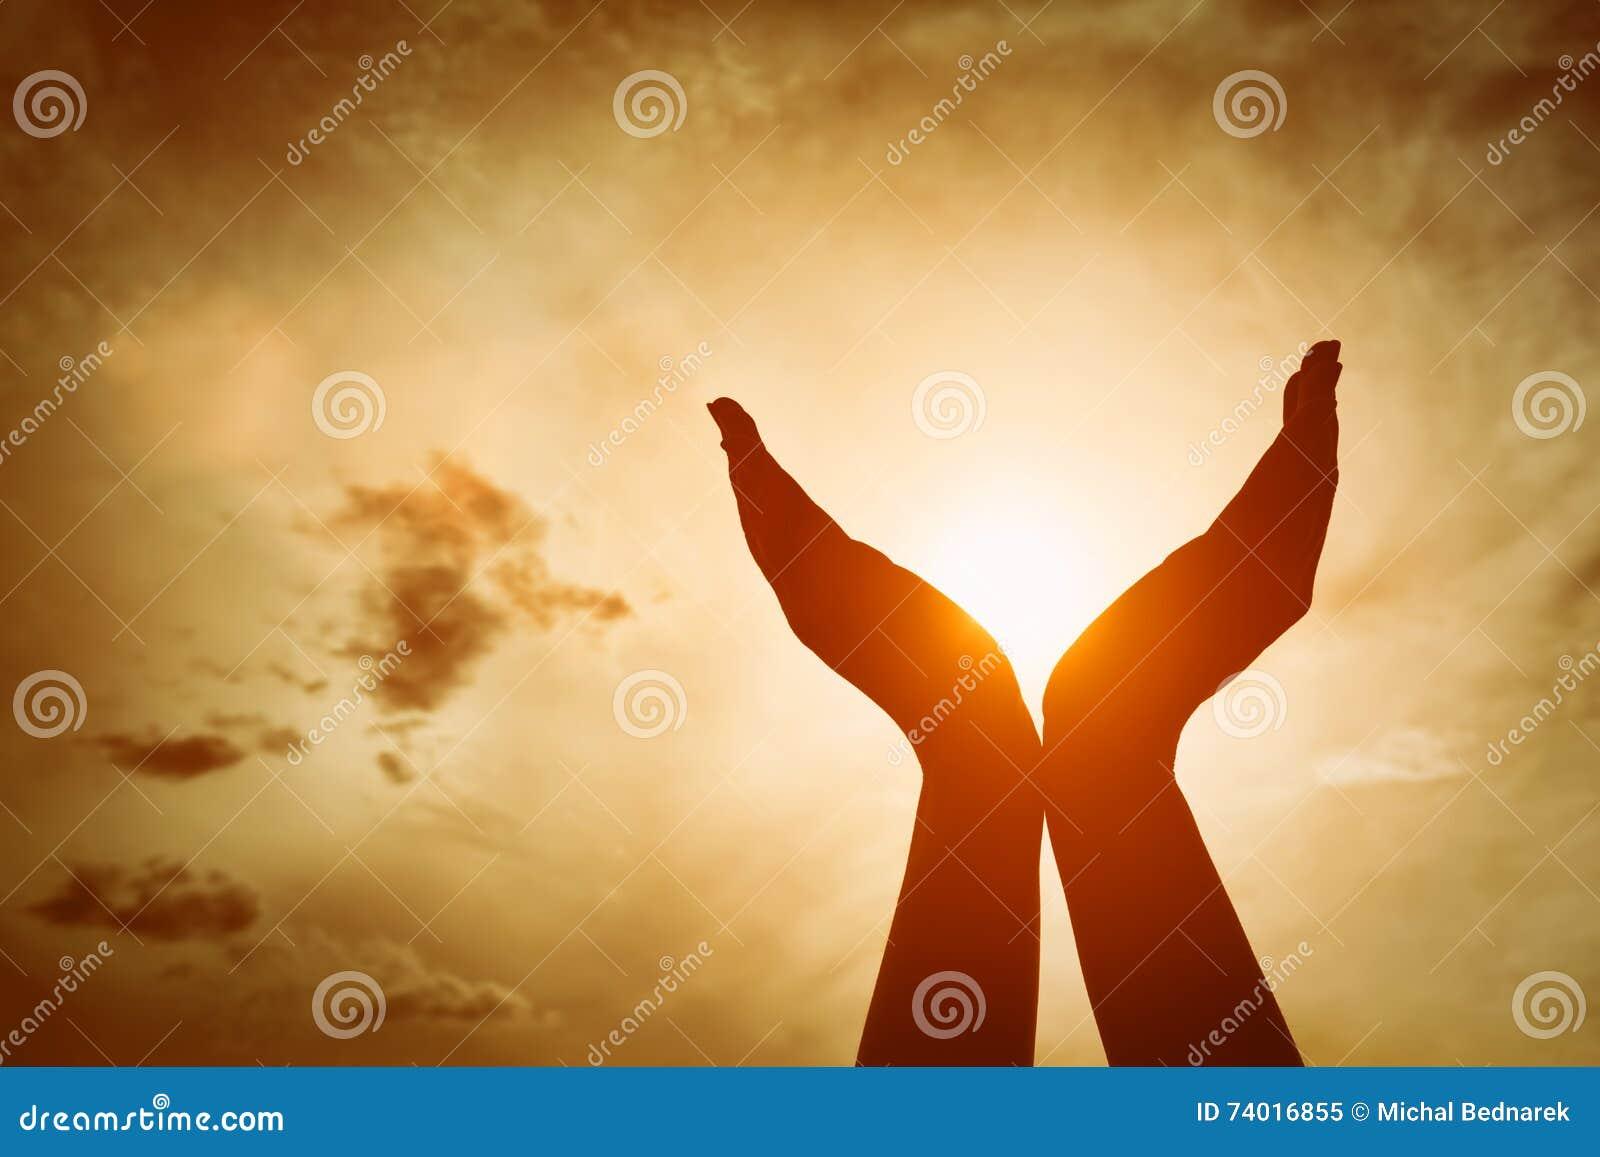 Mains augmentées attrapant le soleil sur le ciel de coucher du soleil Concept de spiritualité, bien-être, énergie positive